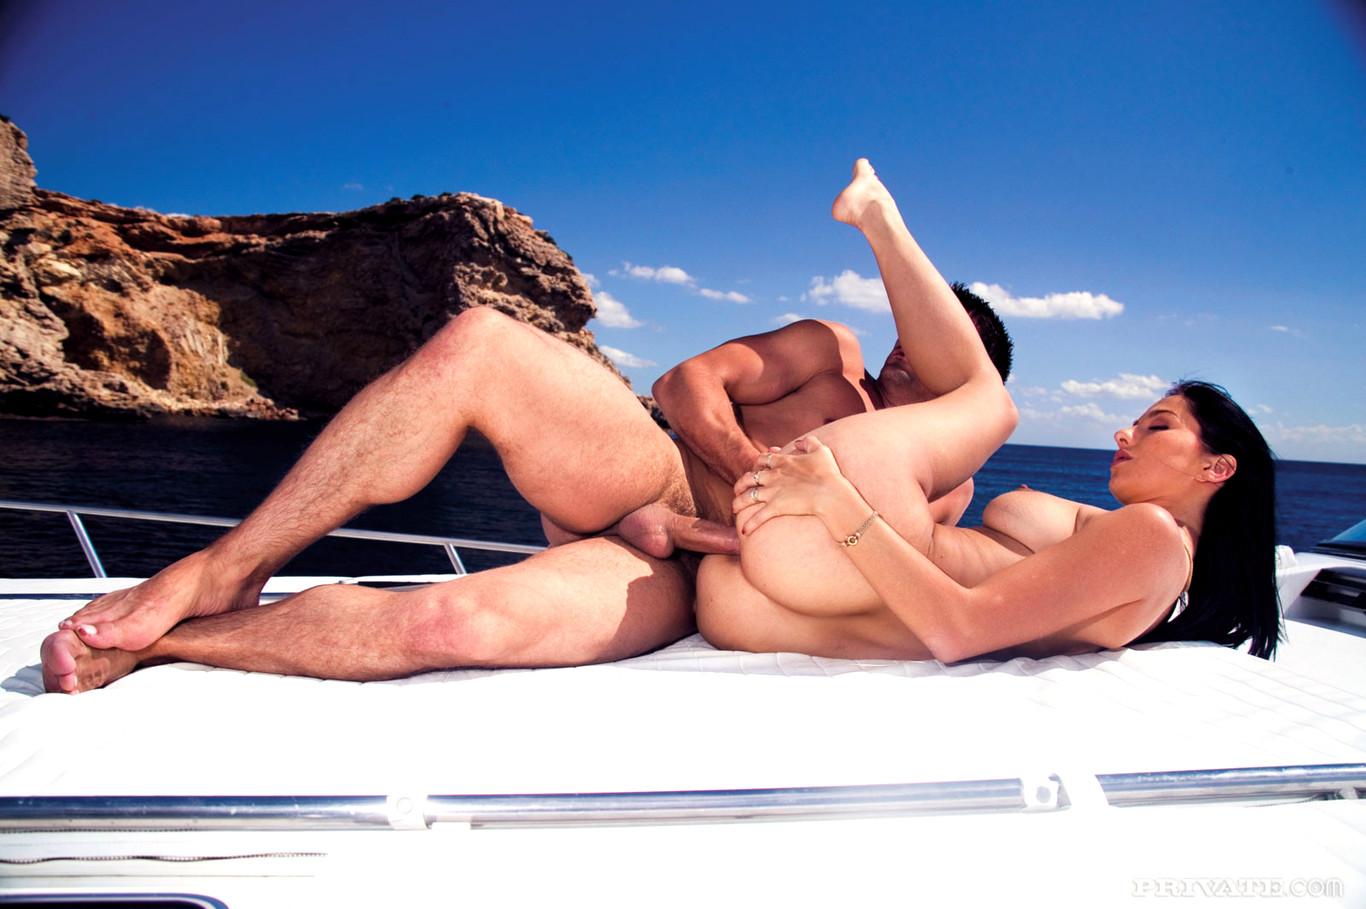 Порно на яхте две девушки и парень